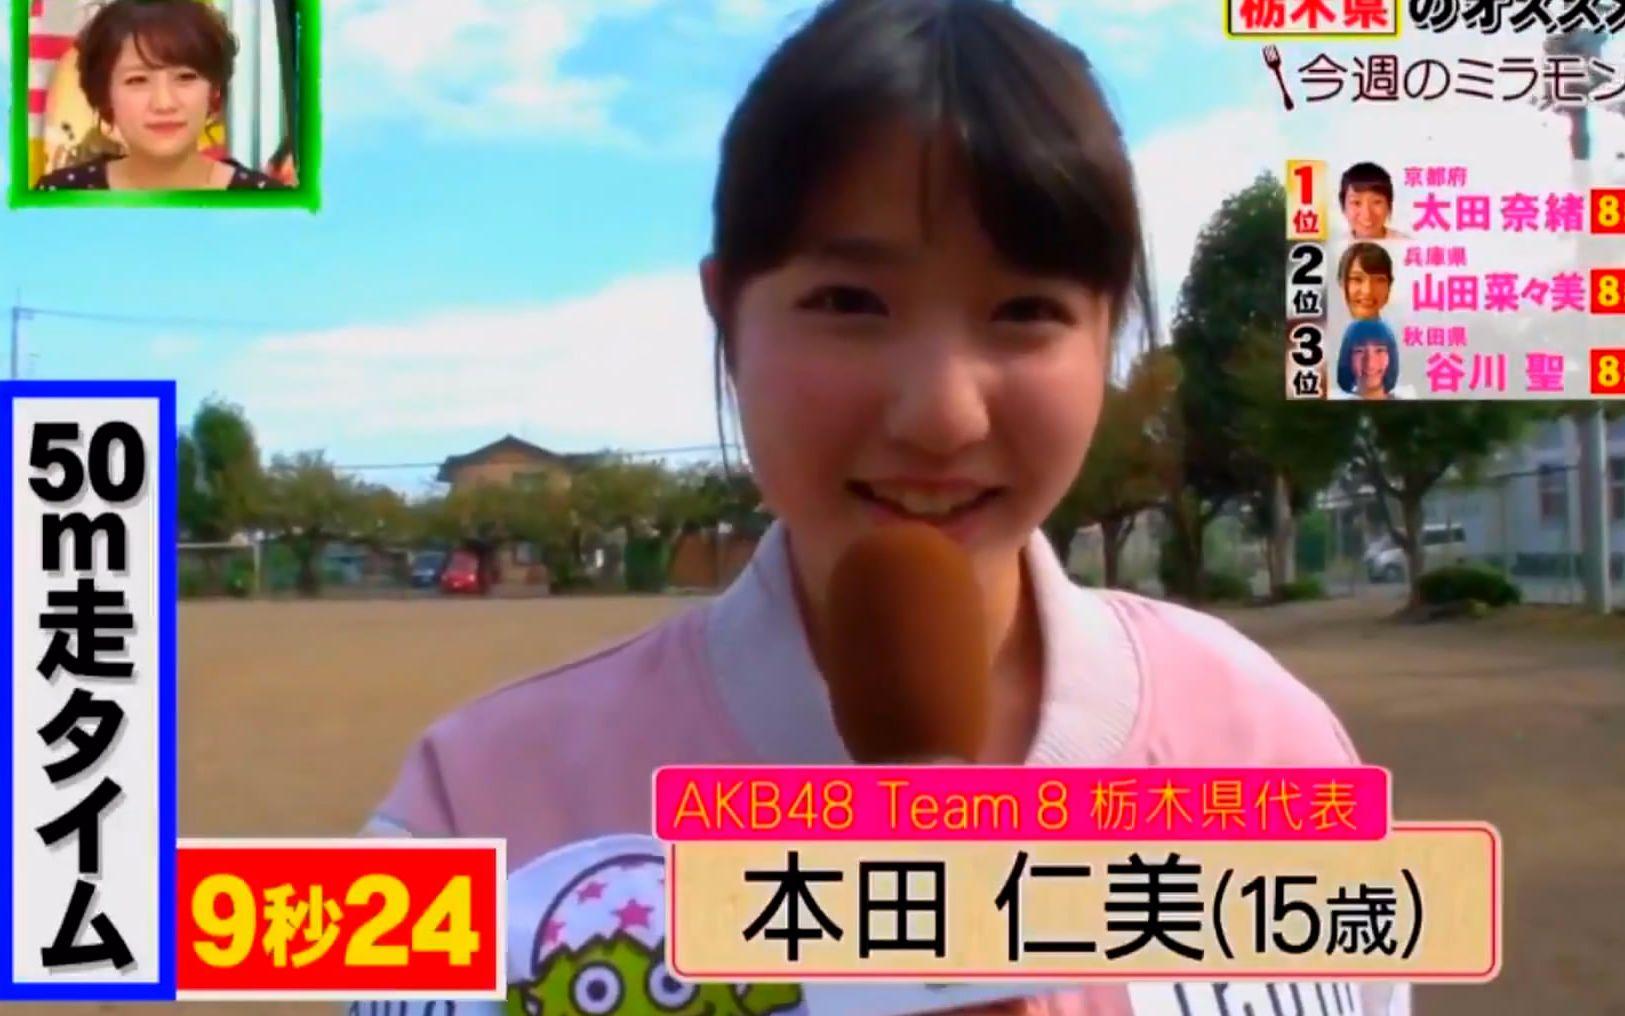 【本田仁美】当年50米跑9秒24的小草莓有多可爱?